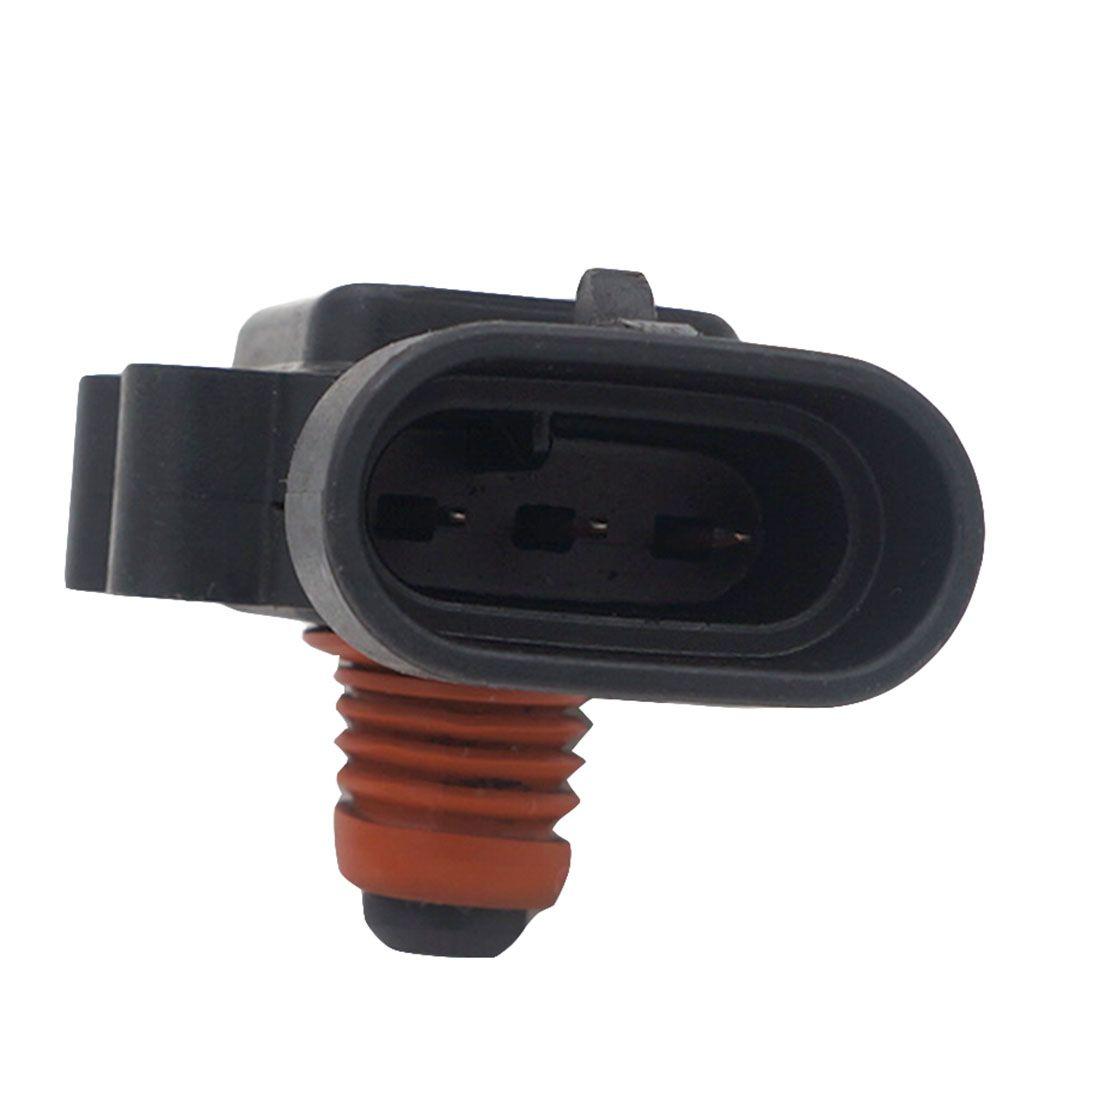 Marke neue Verteiler Absolute Drucksensor Karte Sensor 16187556 Fit Für GM Chevrolet Isuzu Saab Saturn